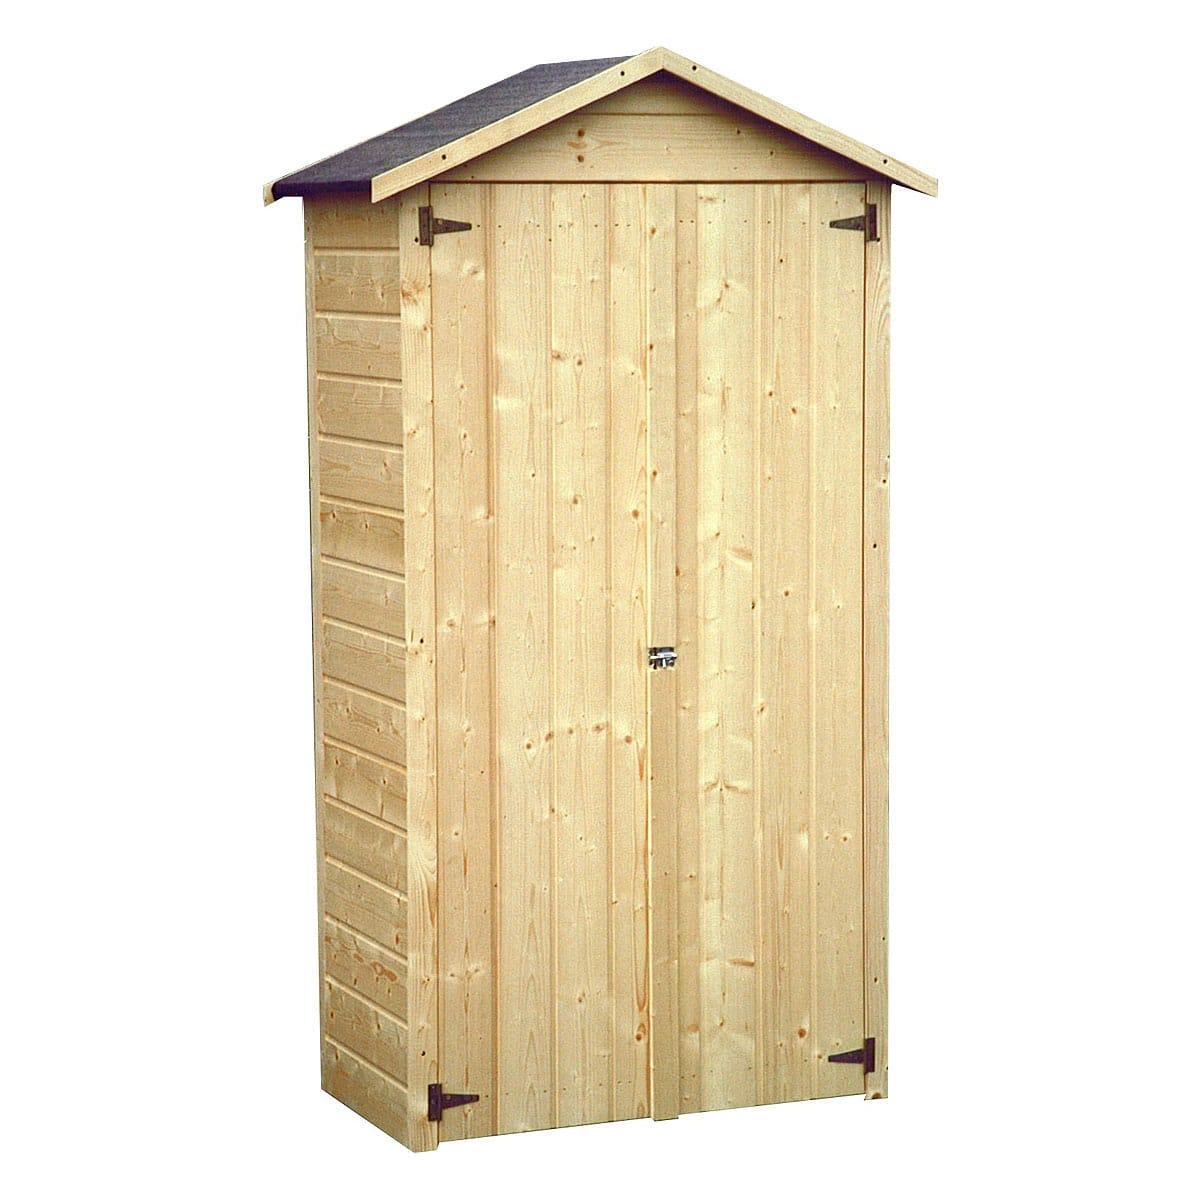 Abri de jardin bois Salla 0.45m² pas cher à prix